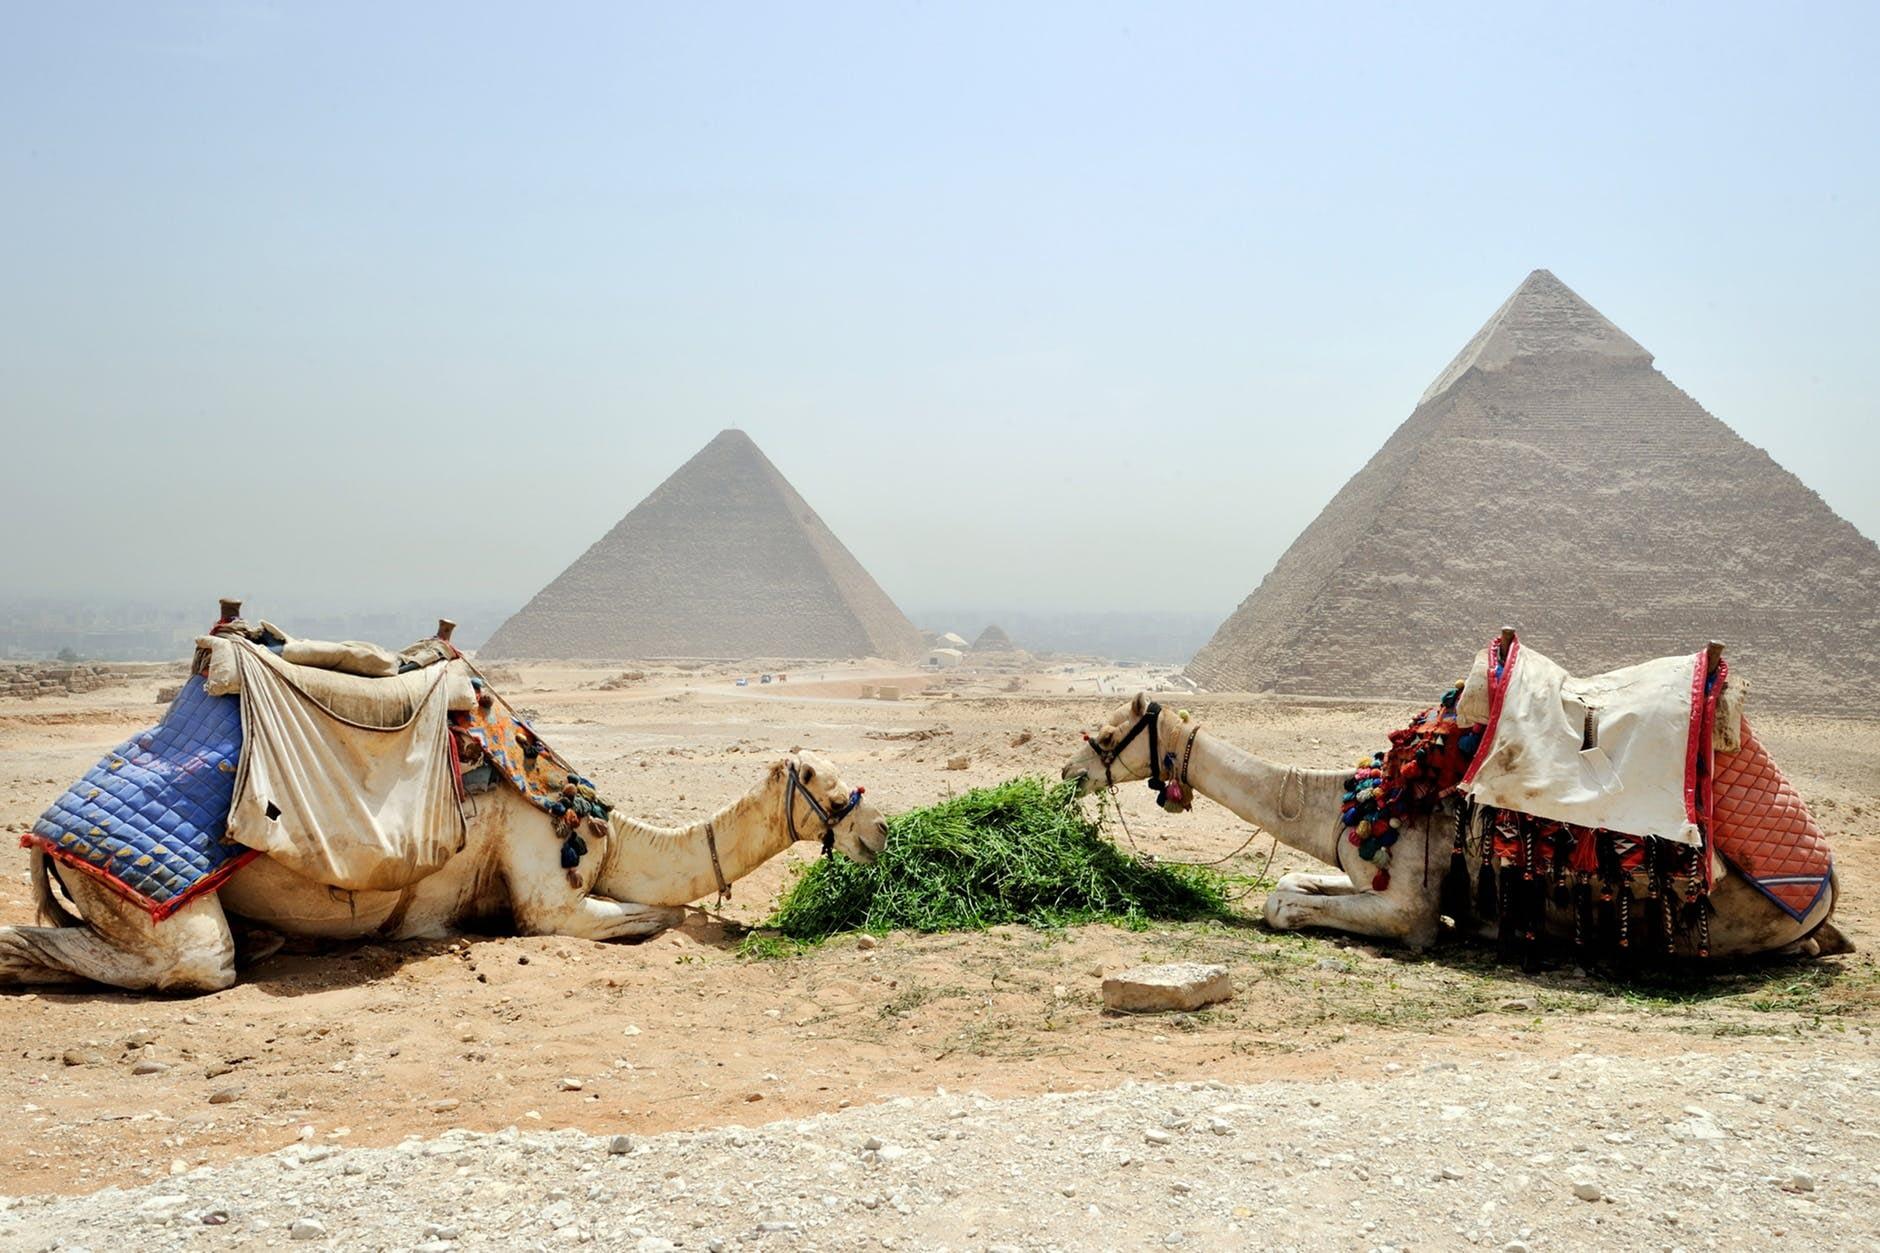 camels eating plants